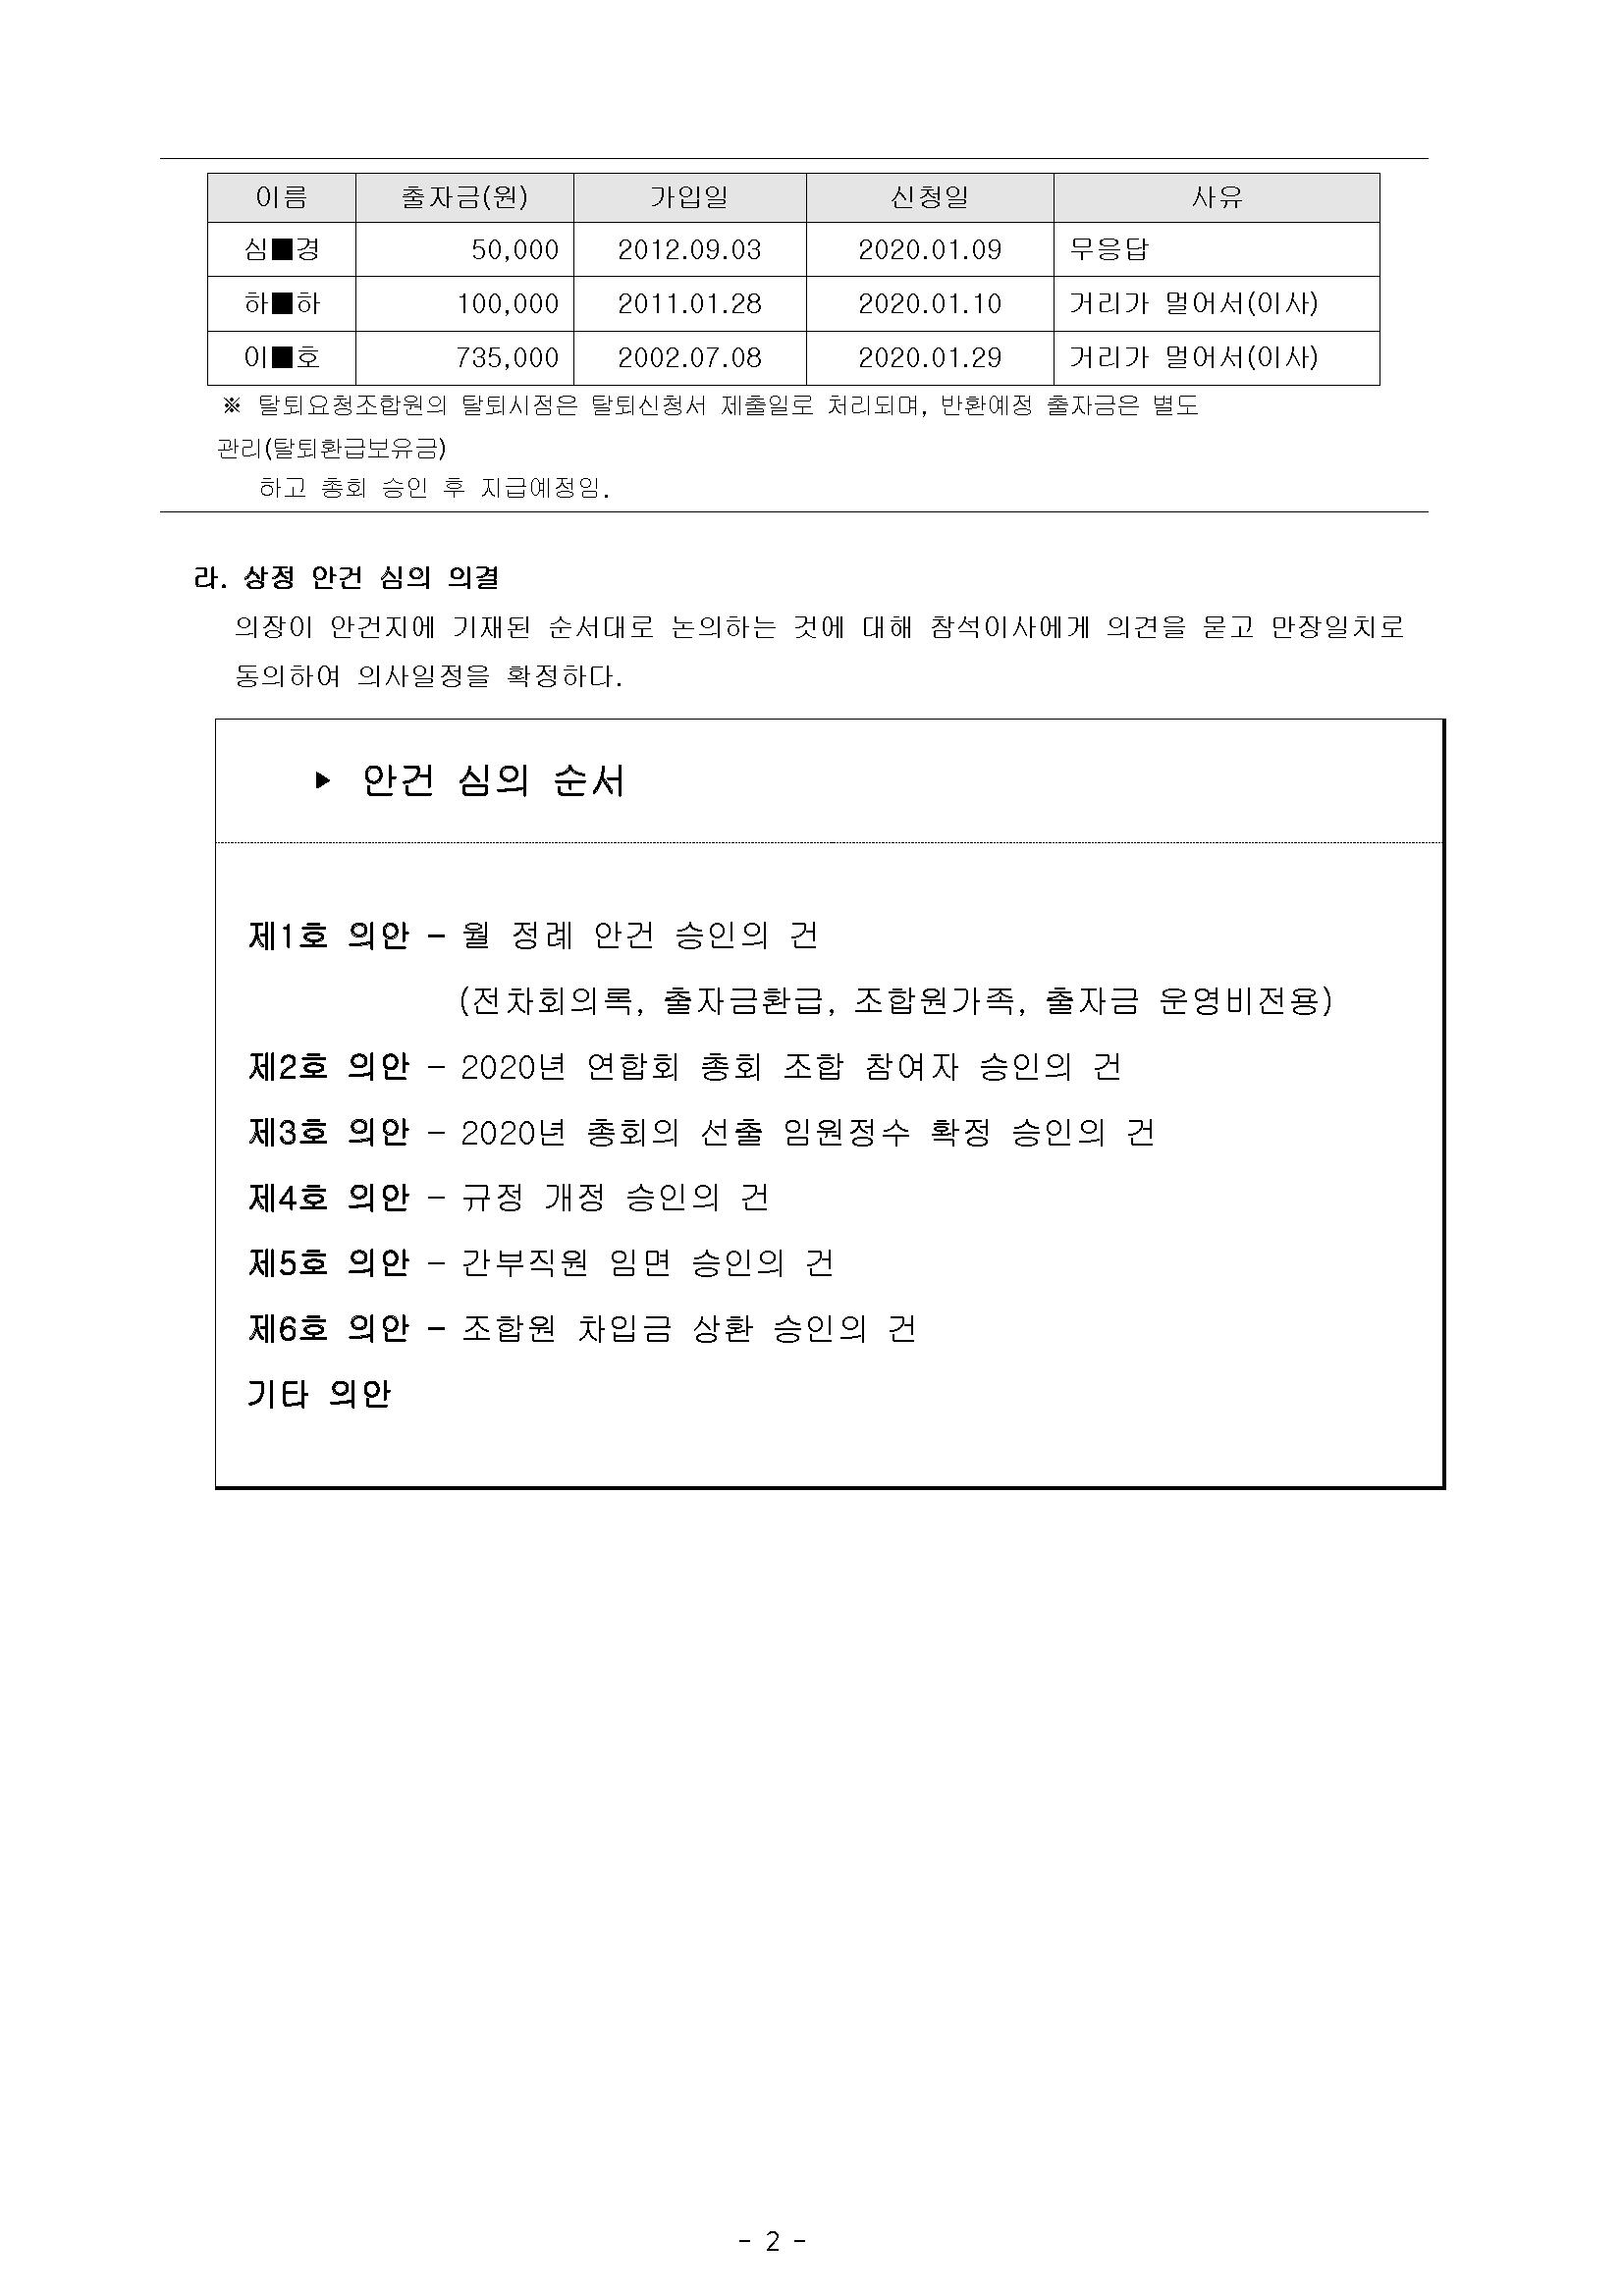 1 20200130 이사회 의사록-완료_페이지_03.png